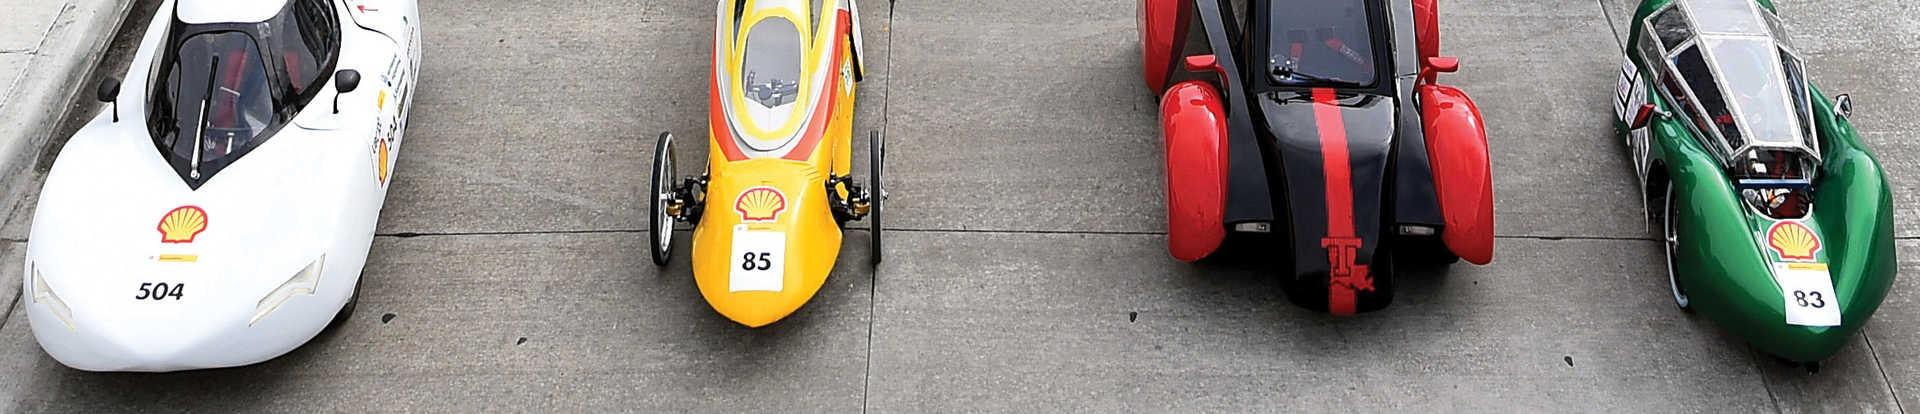 Eco-marathon cars on track